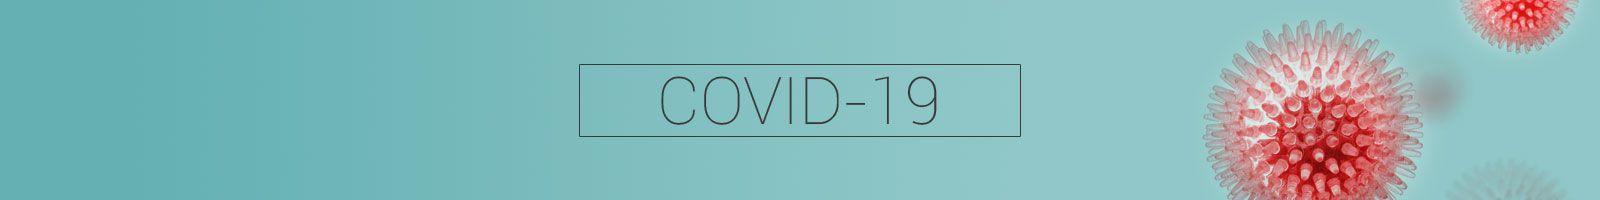 header_covid-19_1600x200